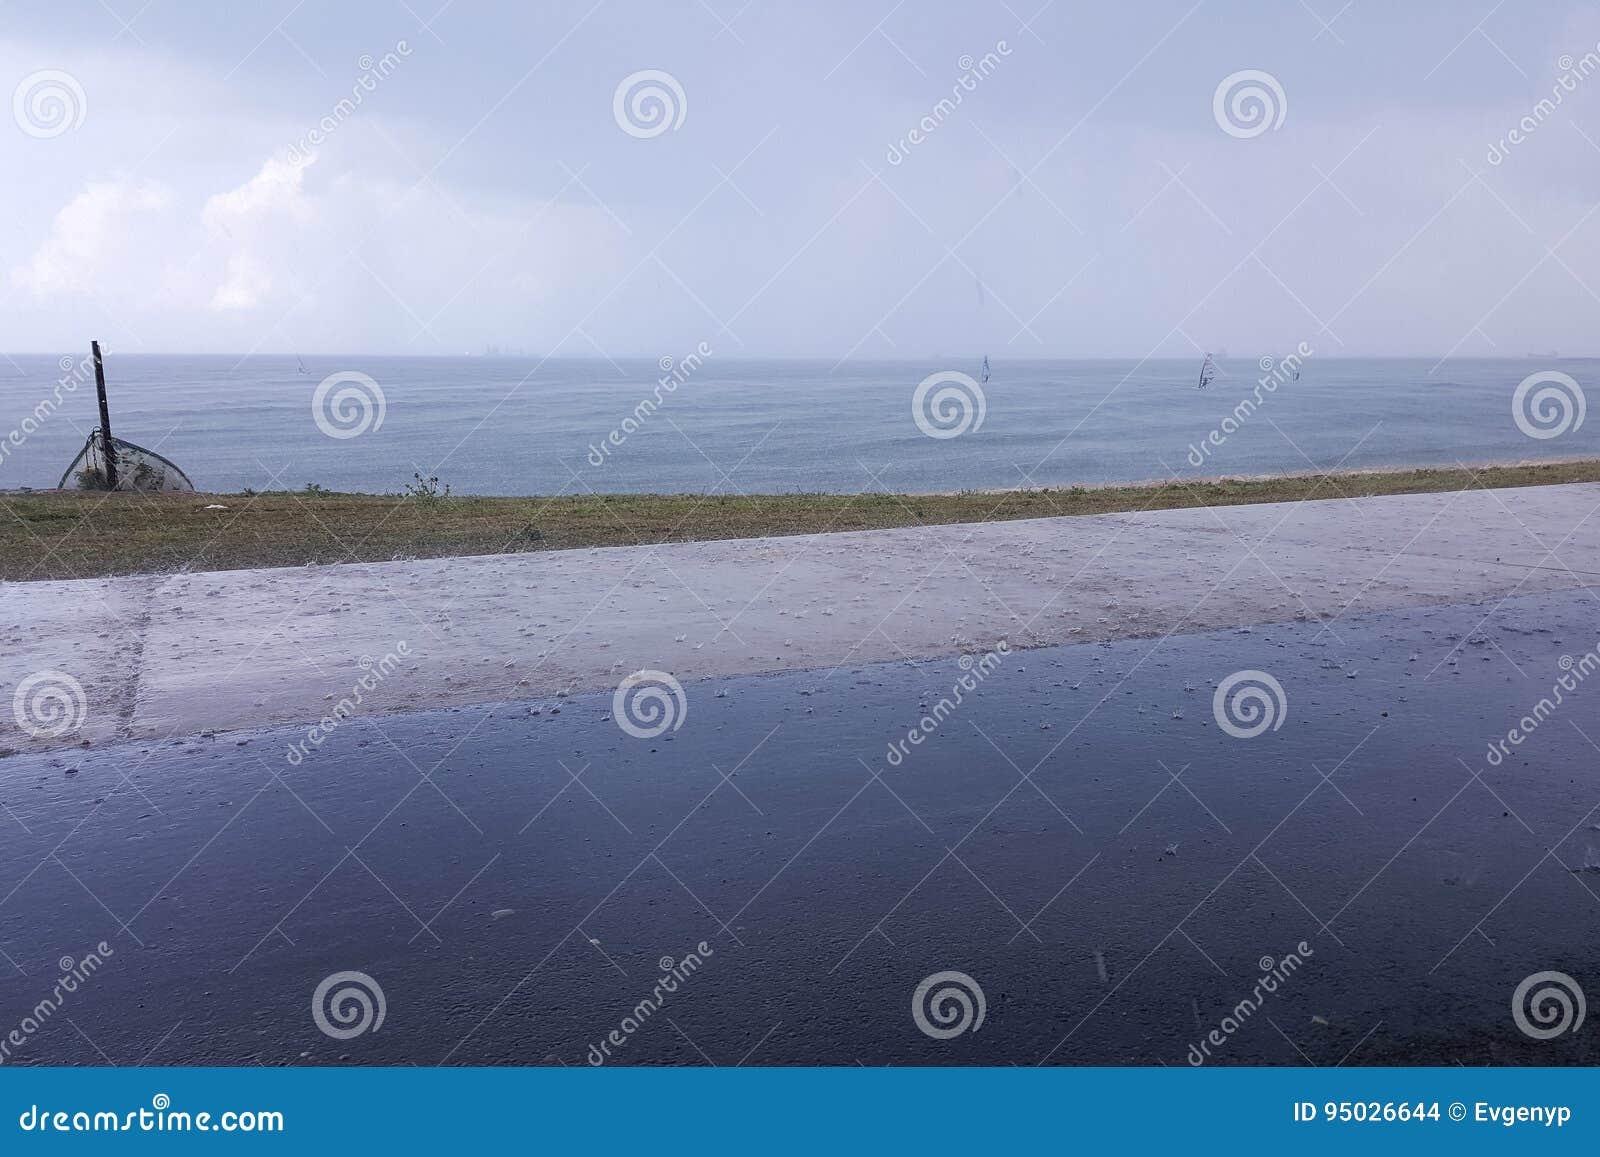 Le temps nuageux sur le bord de la mer, surfers montent sous la pluie, accrochant opacifie